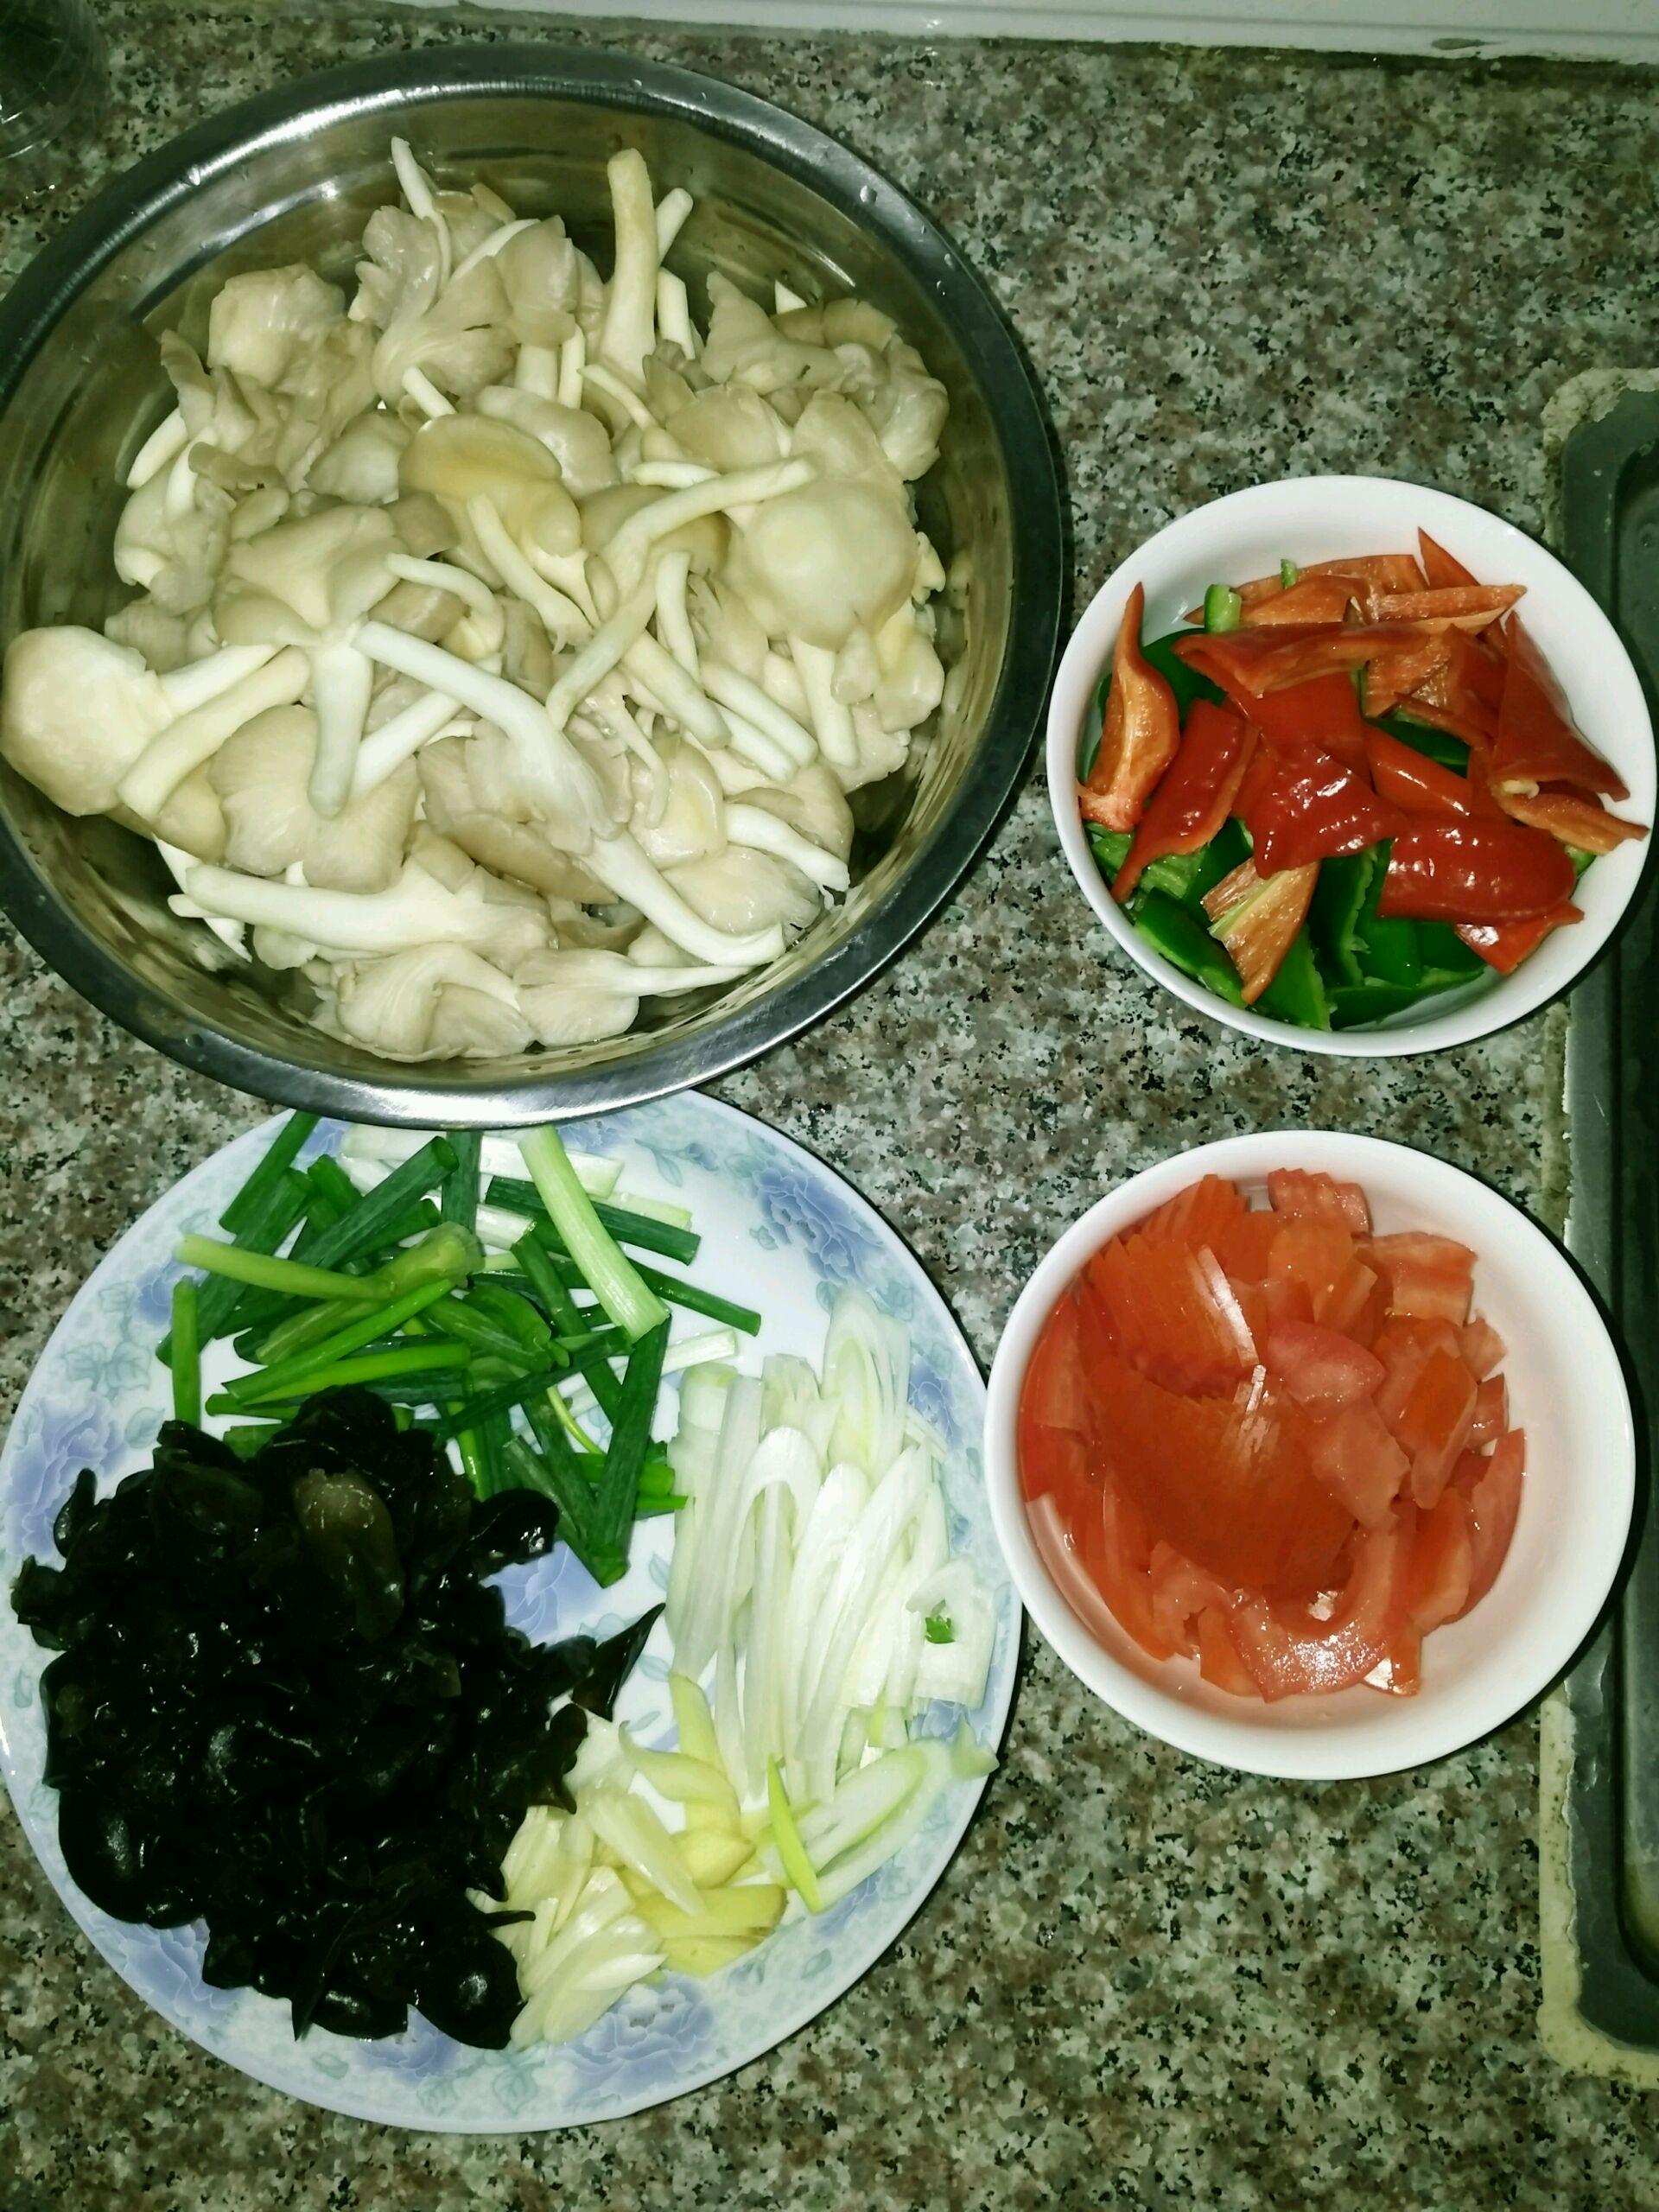 蘑菇的做法大全_青椒蘑菇的做法_【图解】青椒蘑菇怎么做如何做好吃_青椒蘑菇 ...